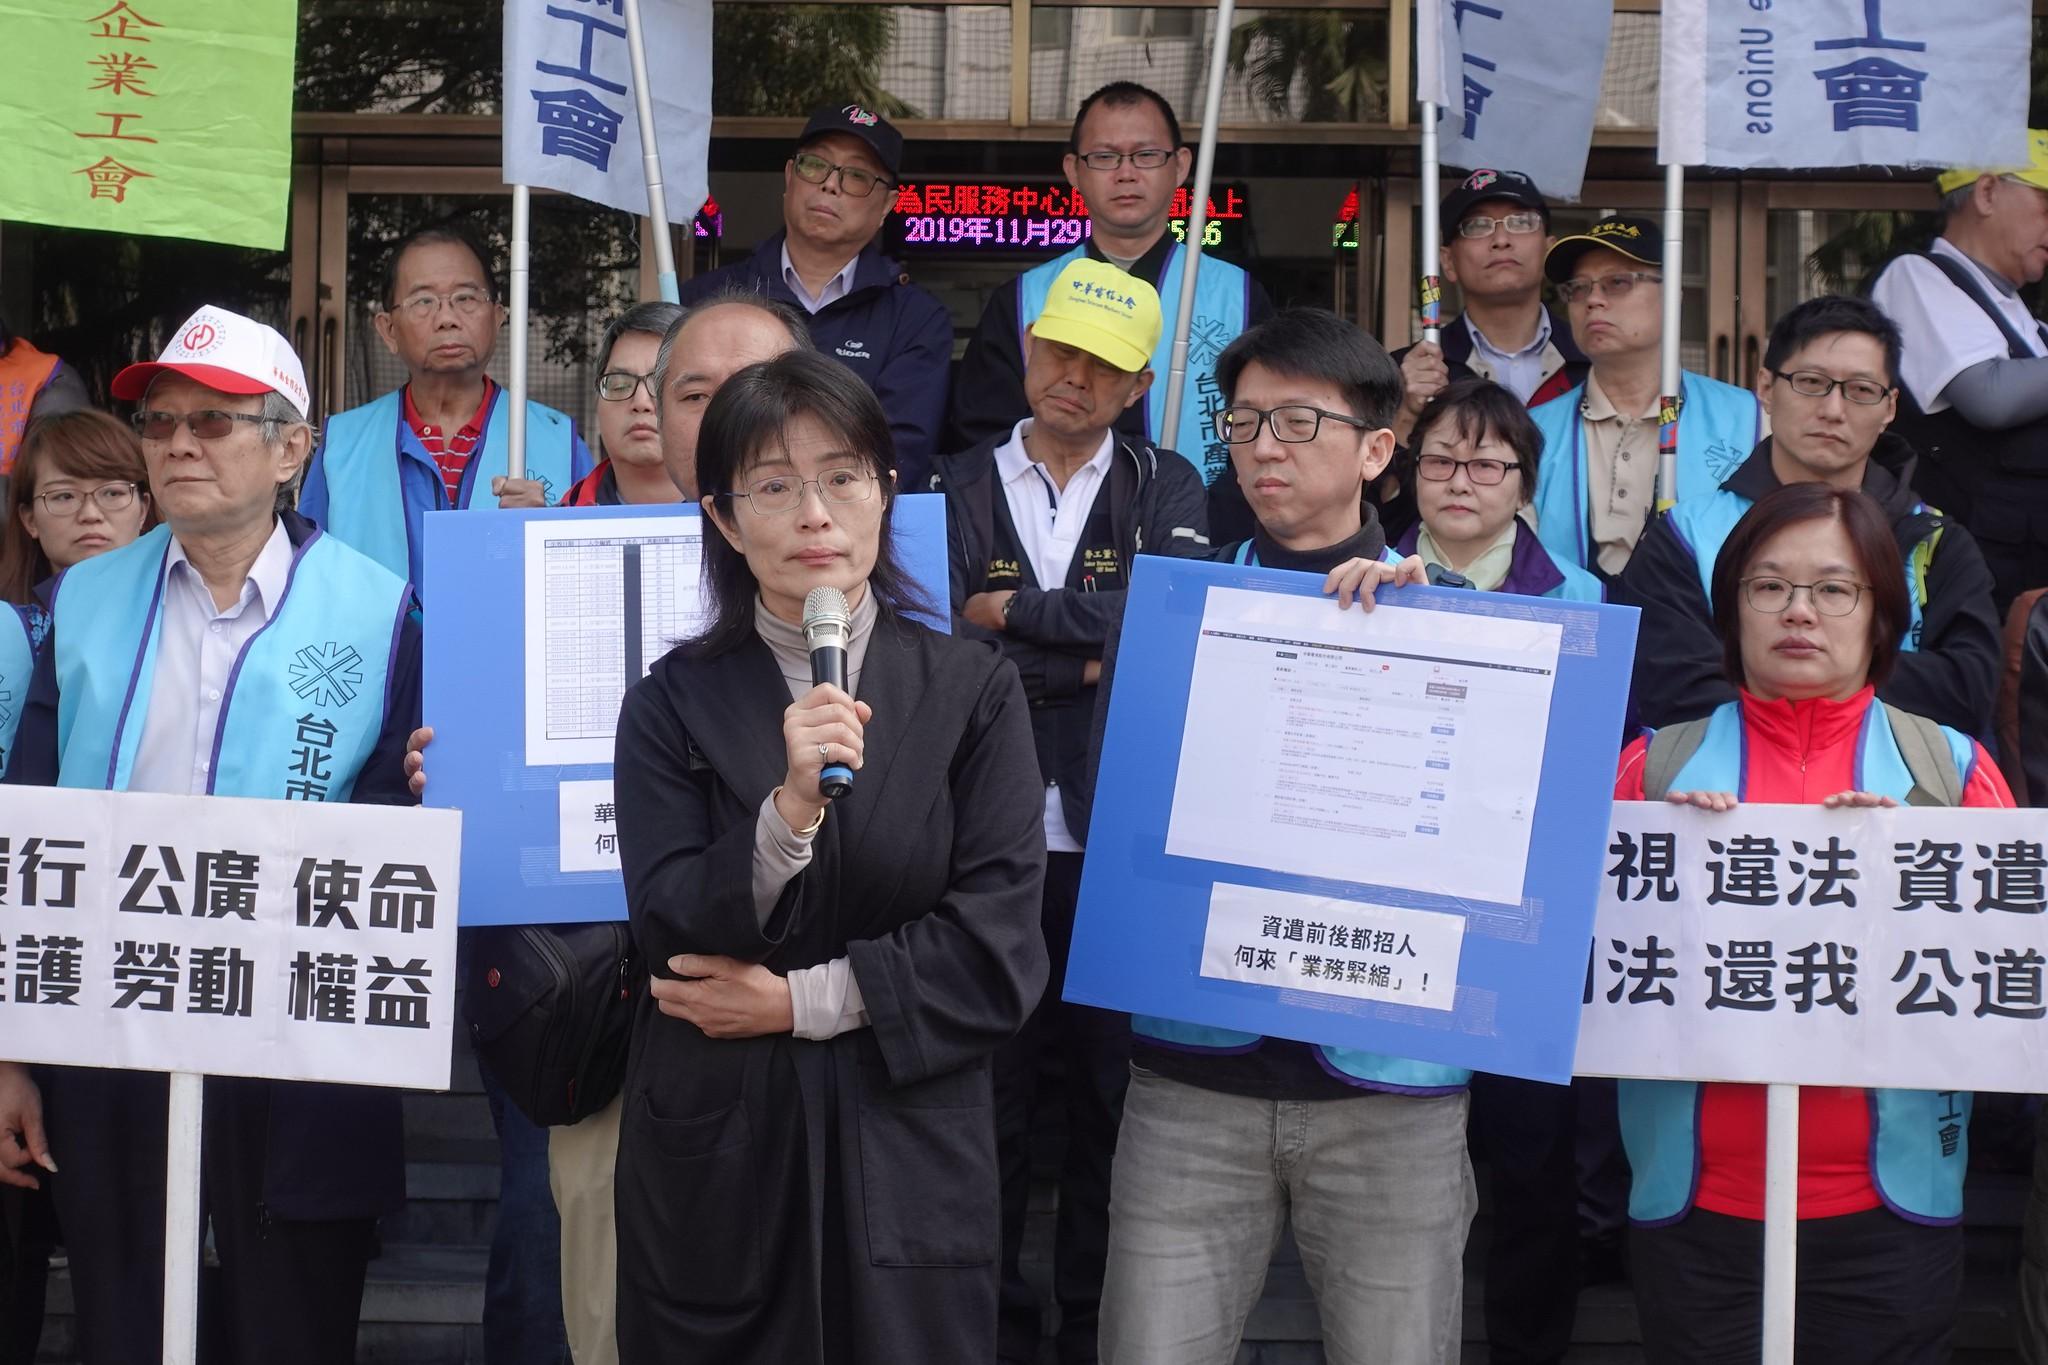 華視前新聞部員工馬慧娟控訴公司違法資遣,要求恢復工作權。(攝影:張智琦)